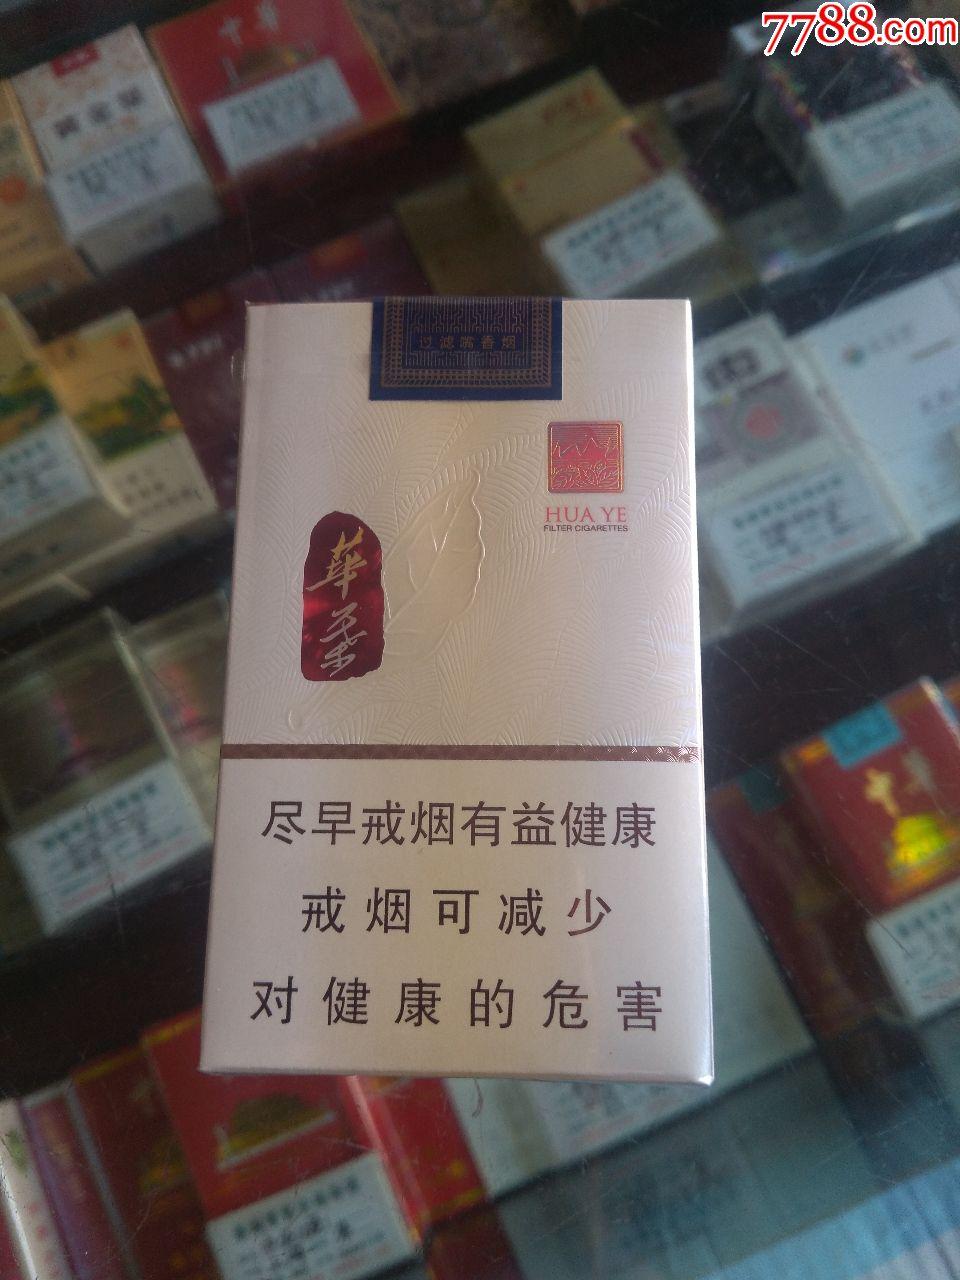 玉溪华叶16版尽早戒烟图片